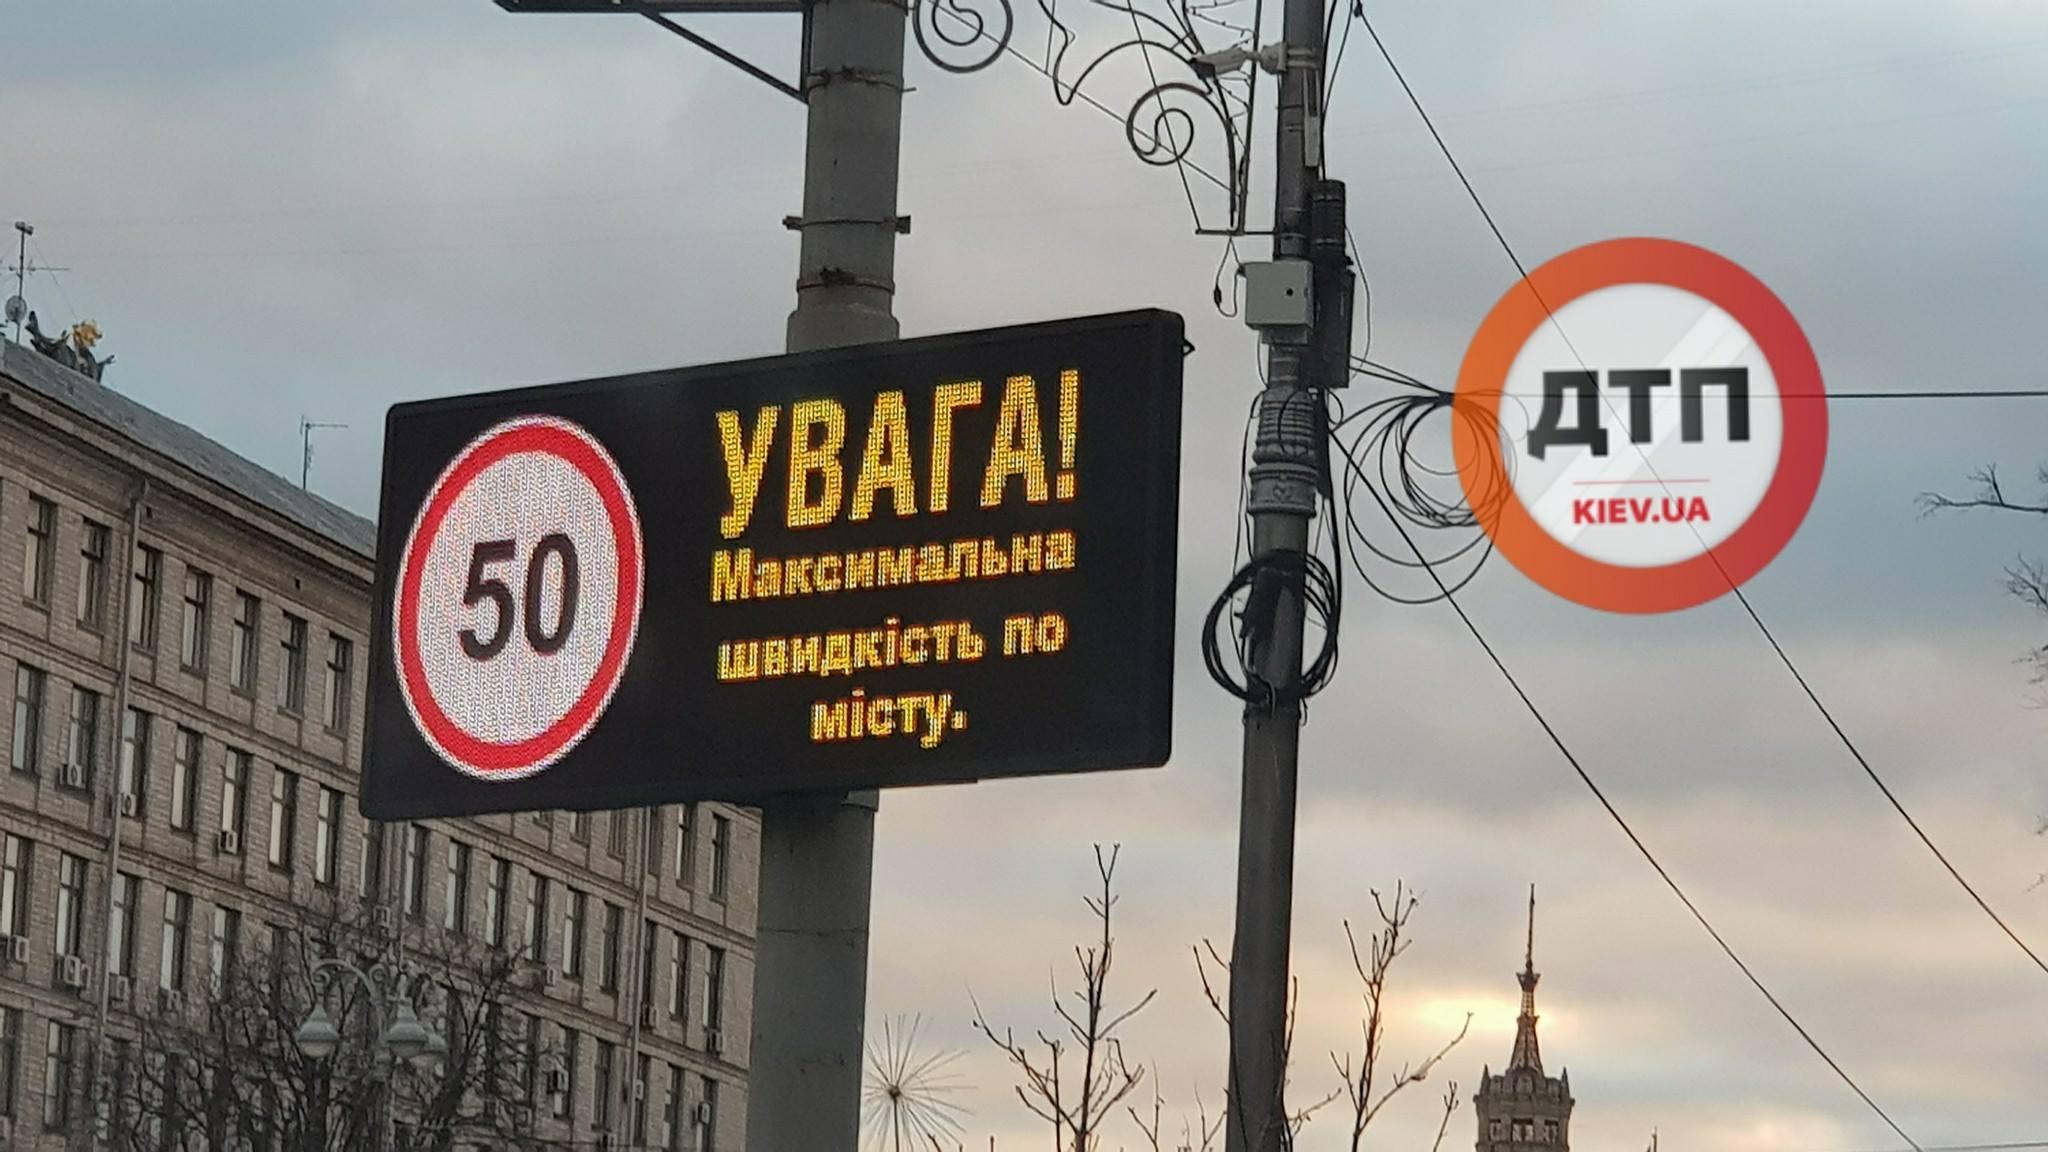 """На улицах Киева появятся """"шпаргалки"""" для водителей"""